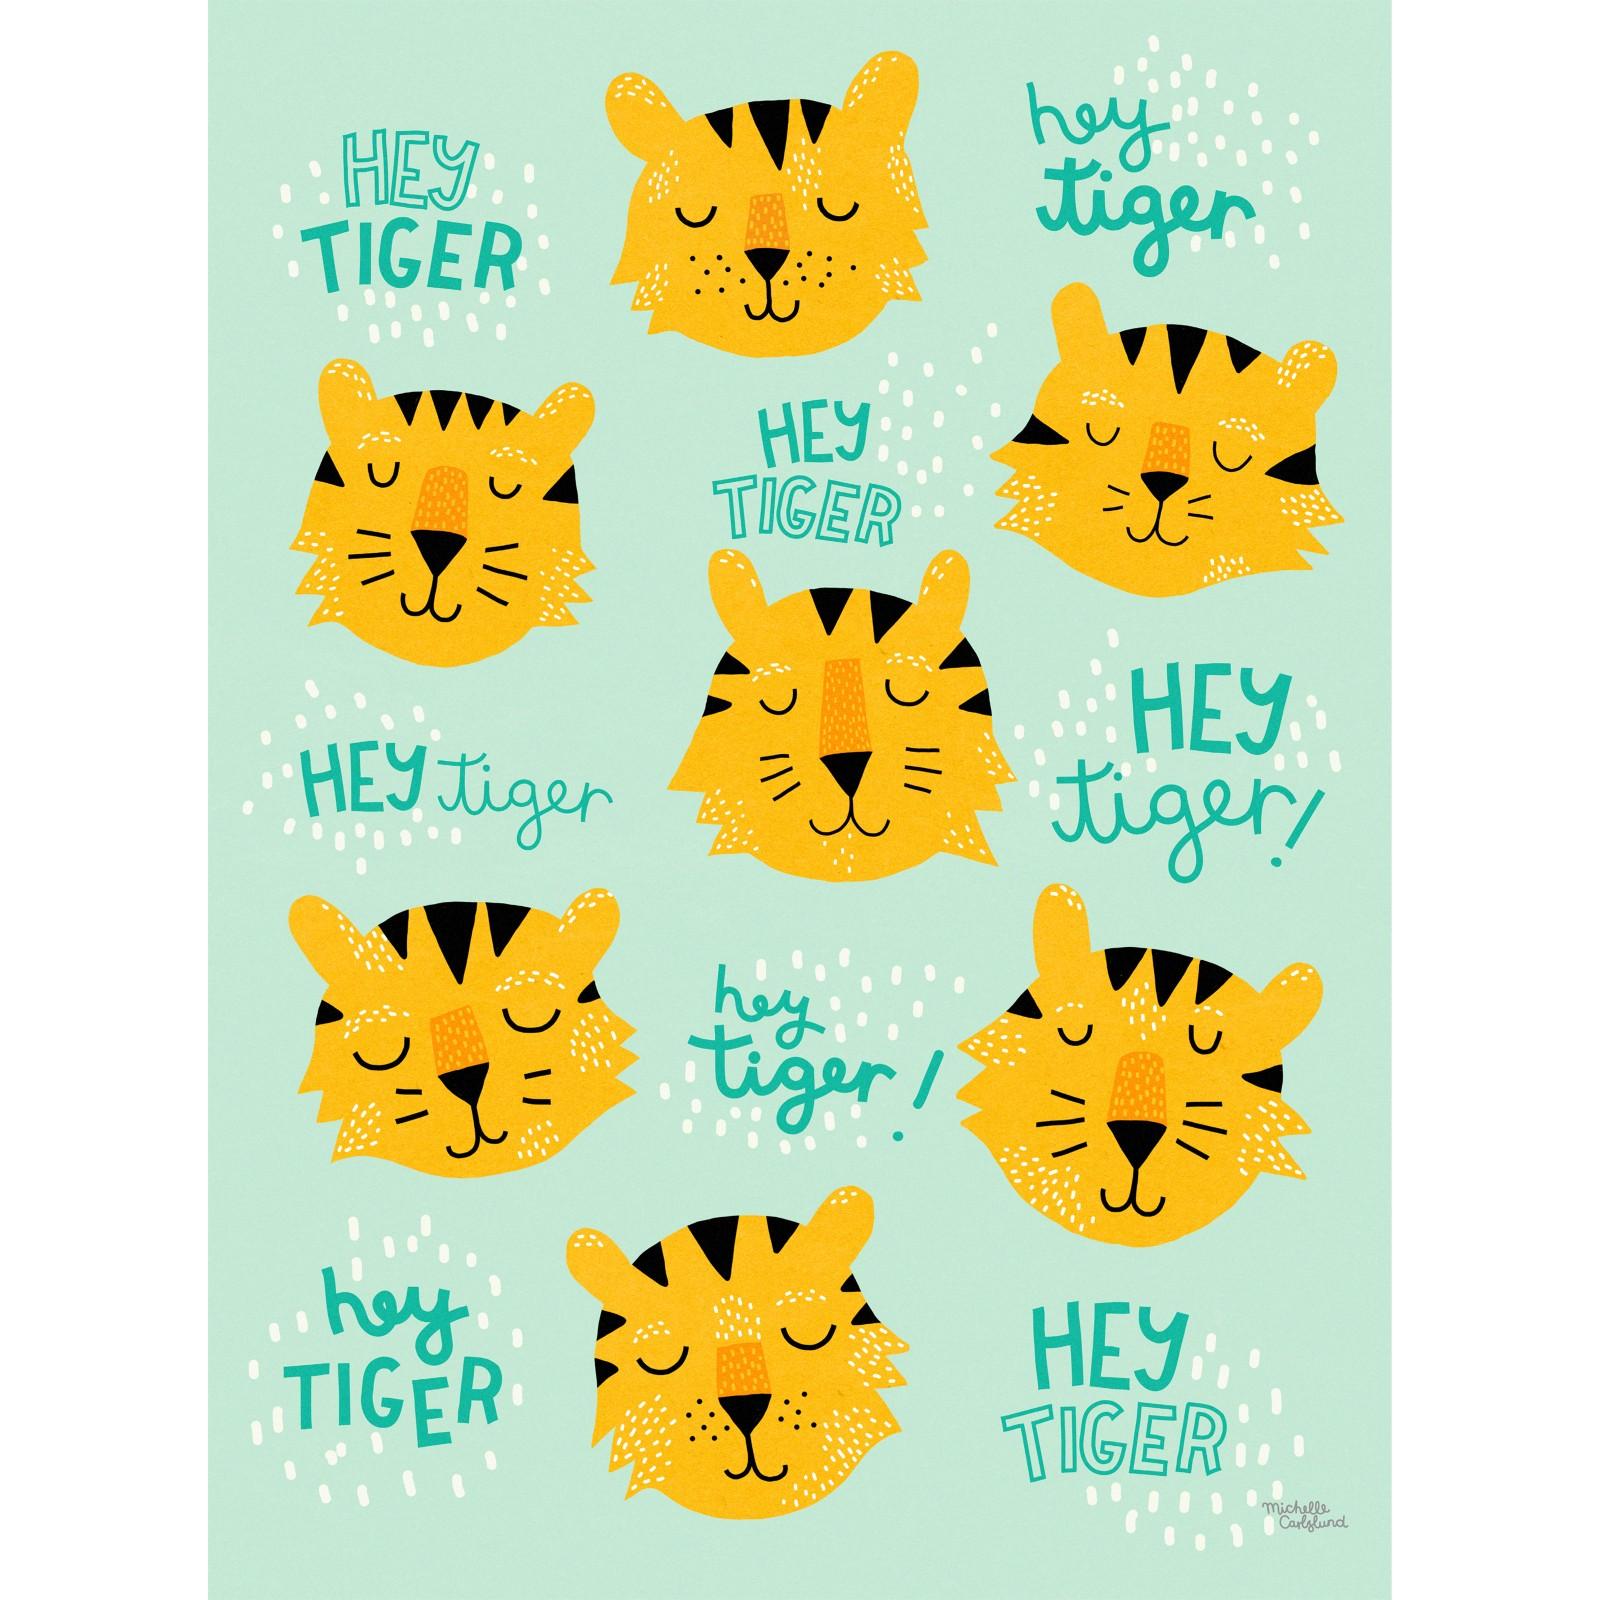 Michelle Carlslund Illustration Hey Tiger Print Poster